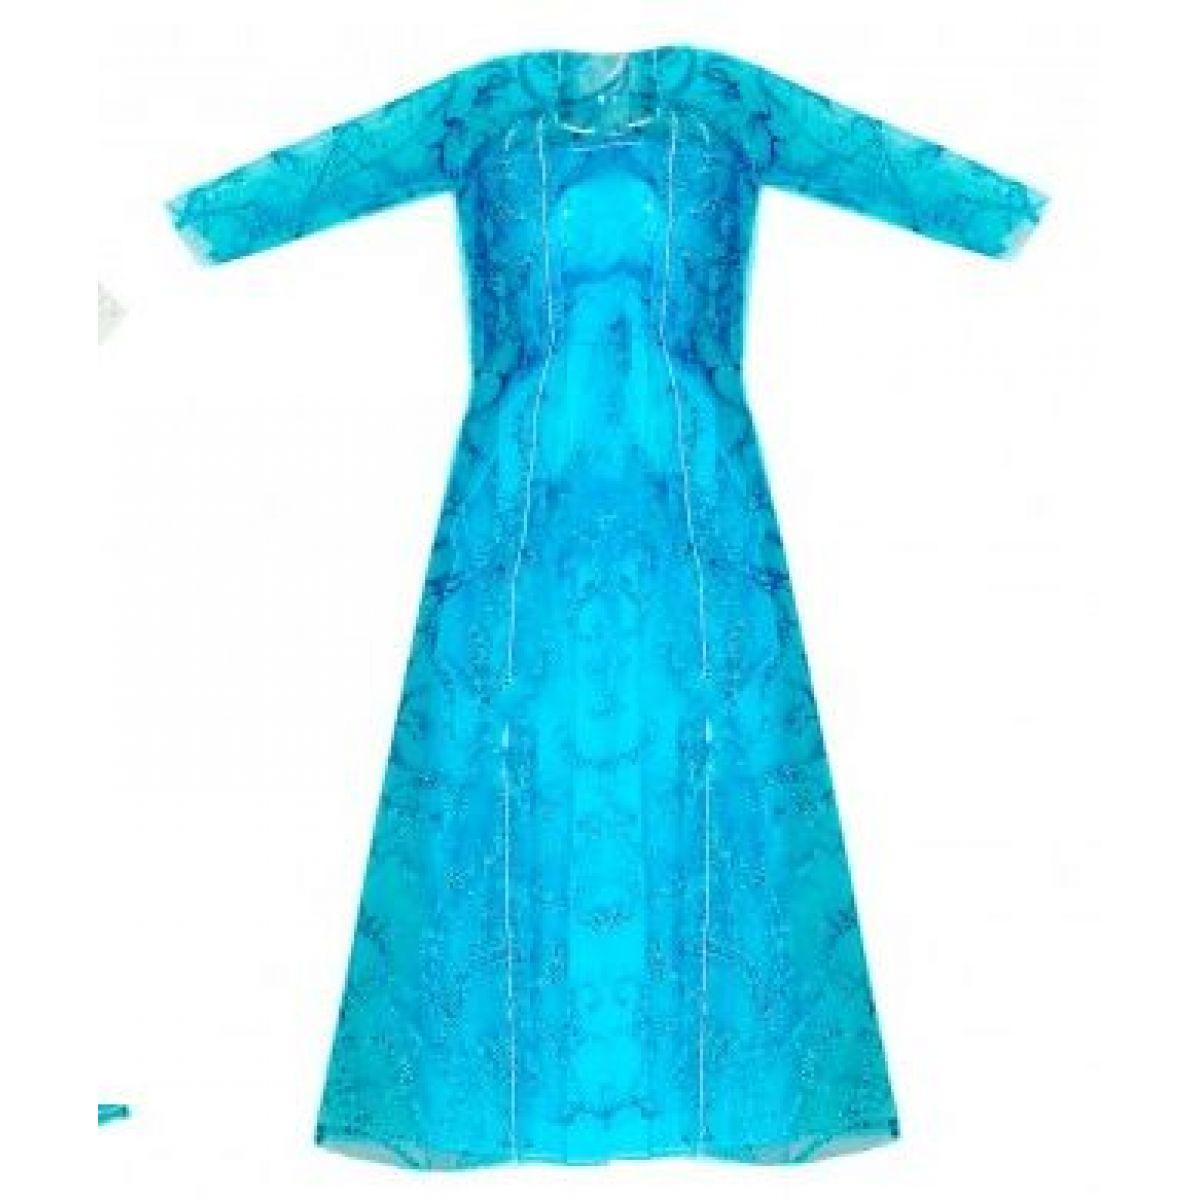 Rappa oblečenie pre bábiku zimné kráľovstvo svetlo modré